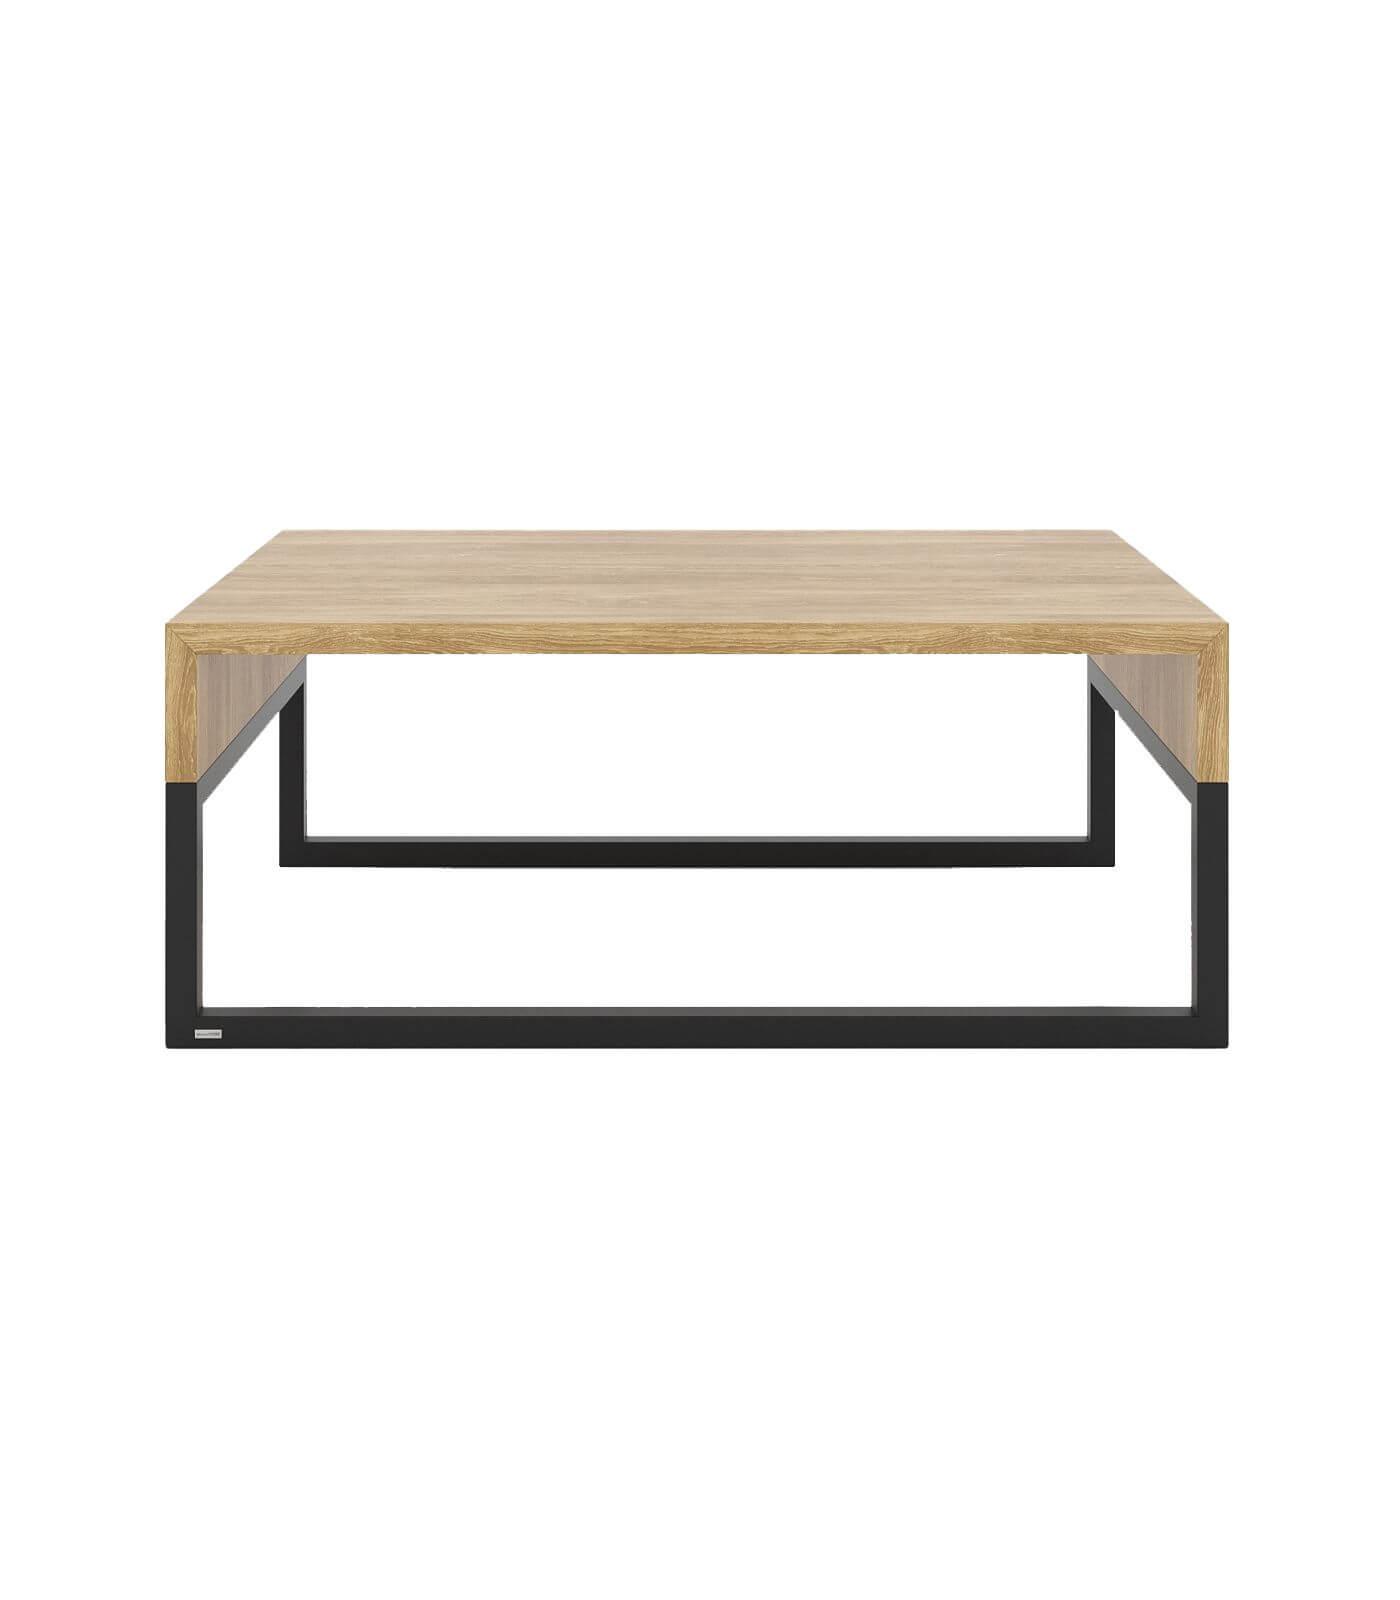 czarny stolik kawowy woodbox - take me HOME